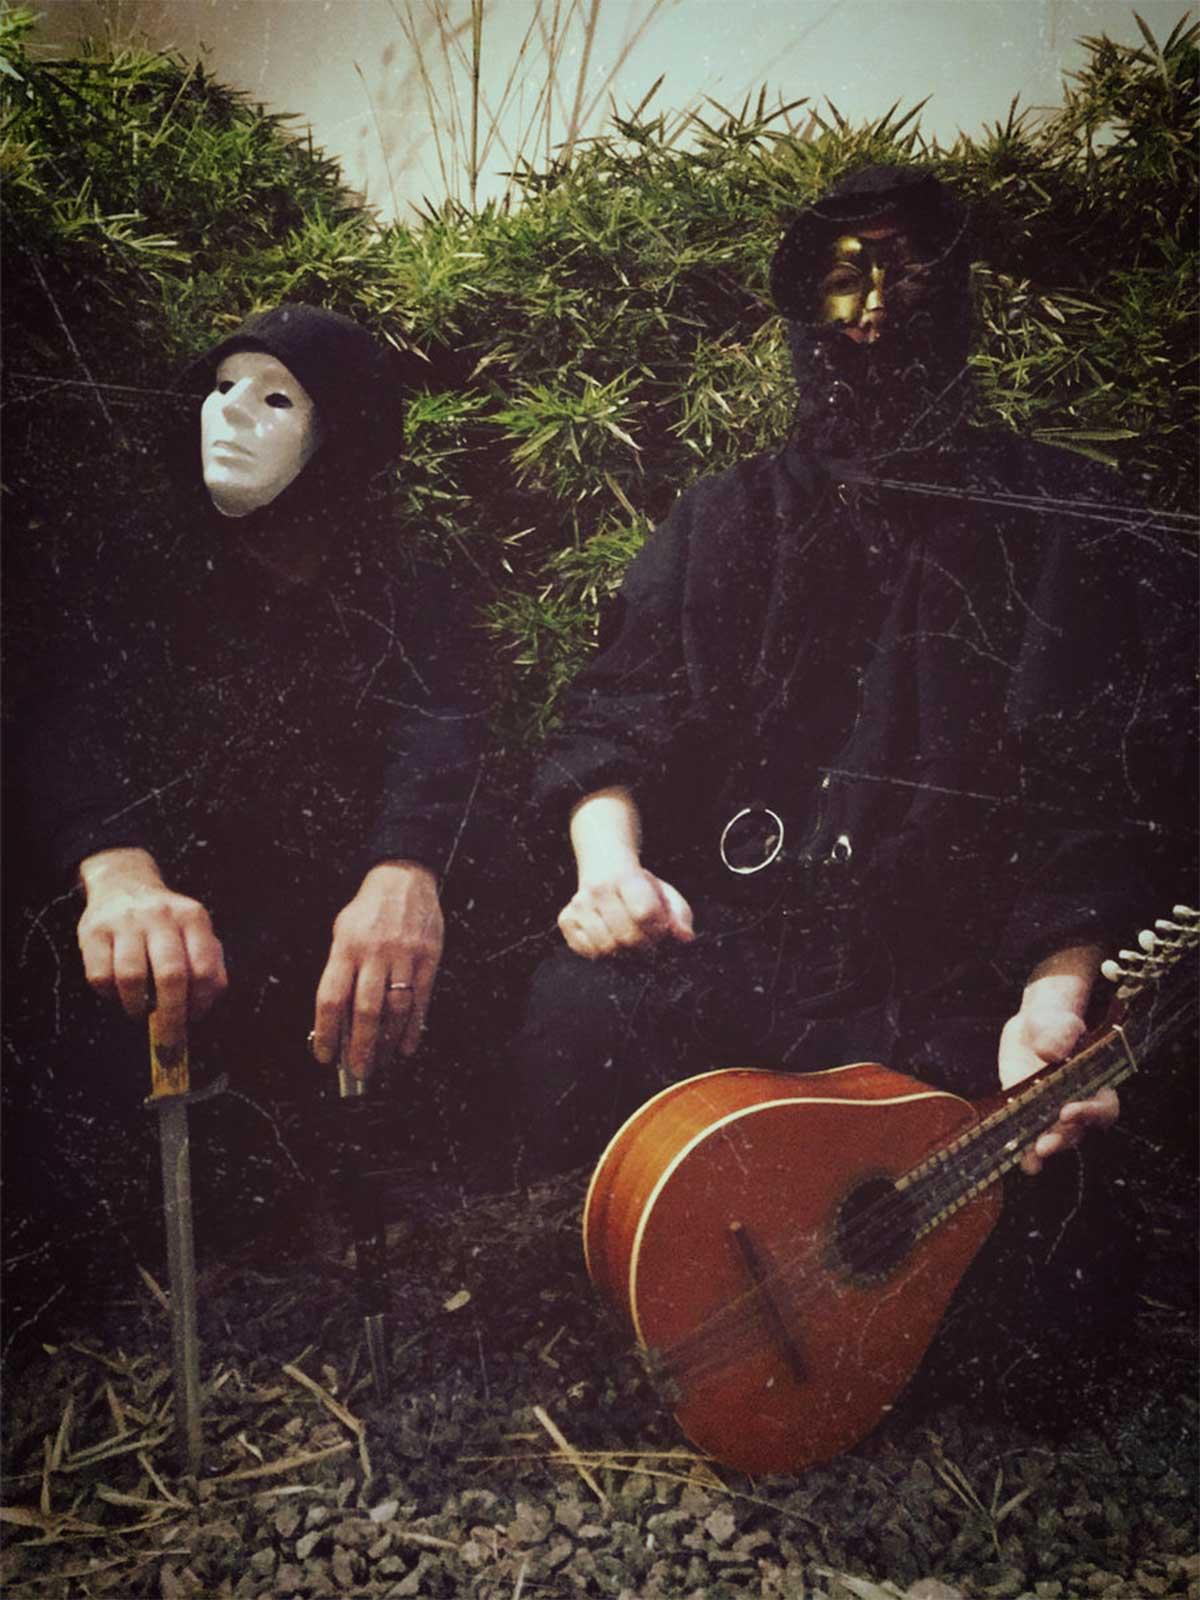 Drama of Cai combina lo pagano y lo sagrado en canciones dark folk